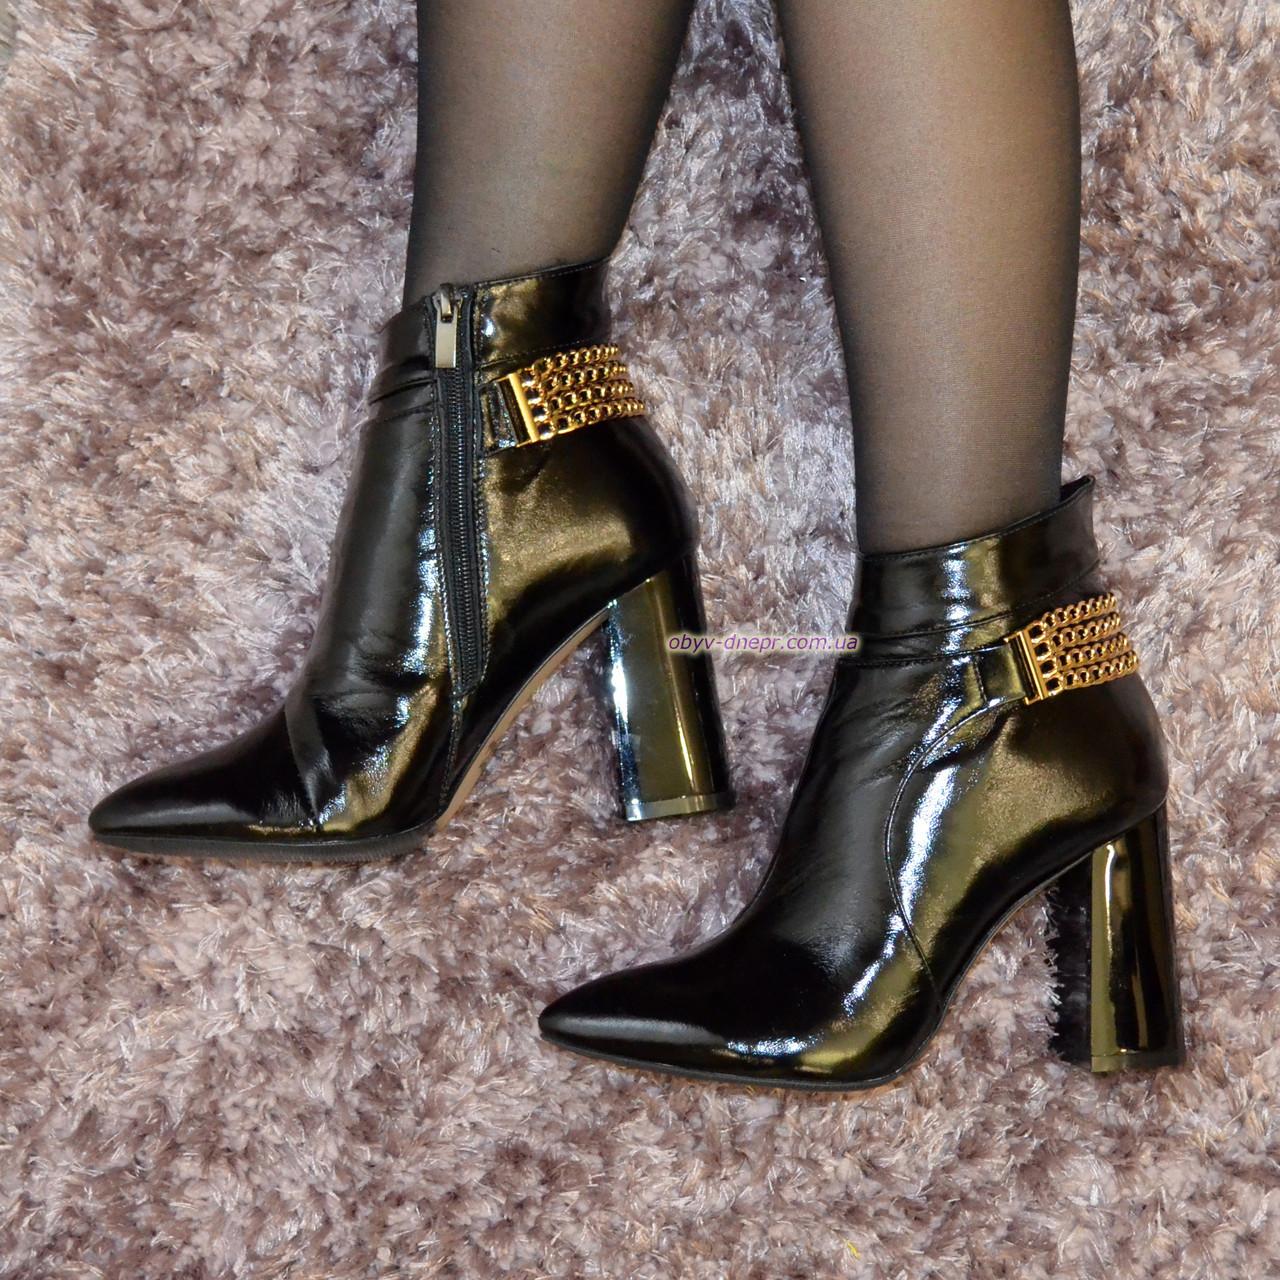 Ботинки лаковые женские зимние на высоком устойчивом каблуке, декорированы цепью